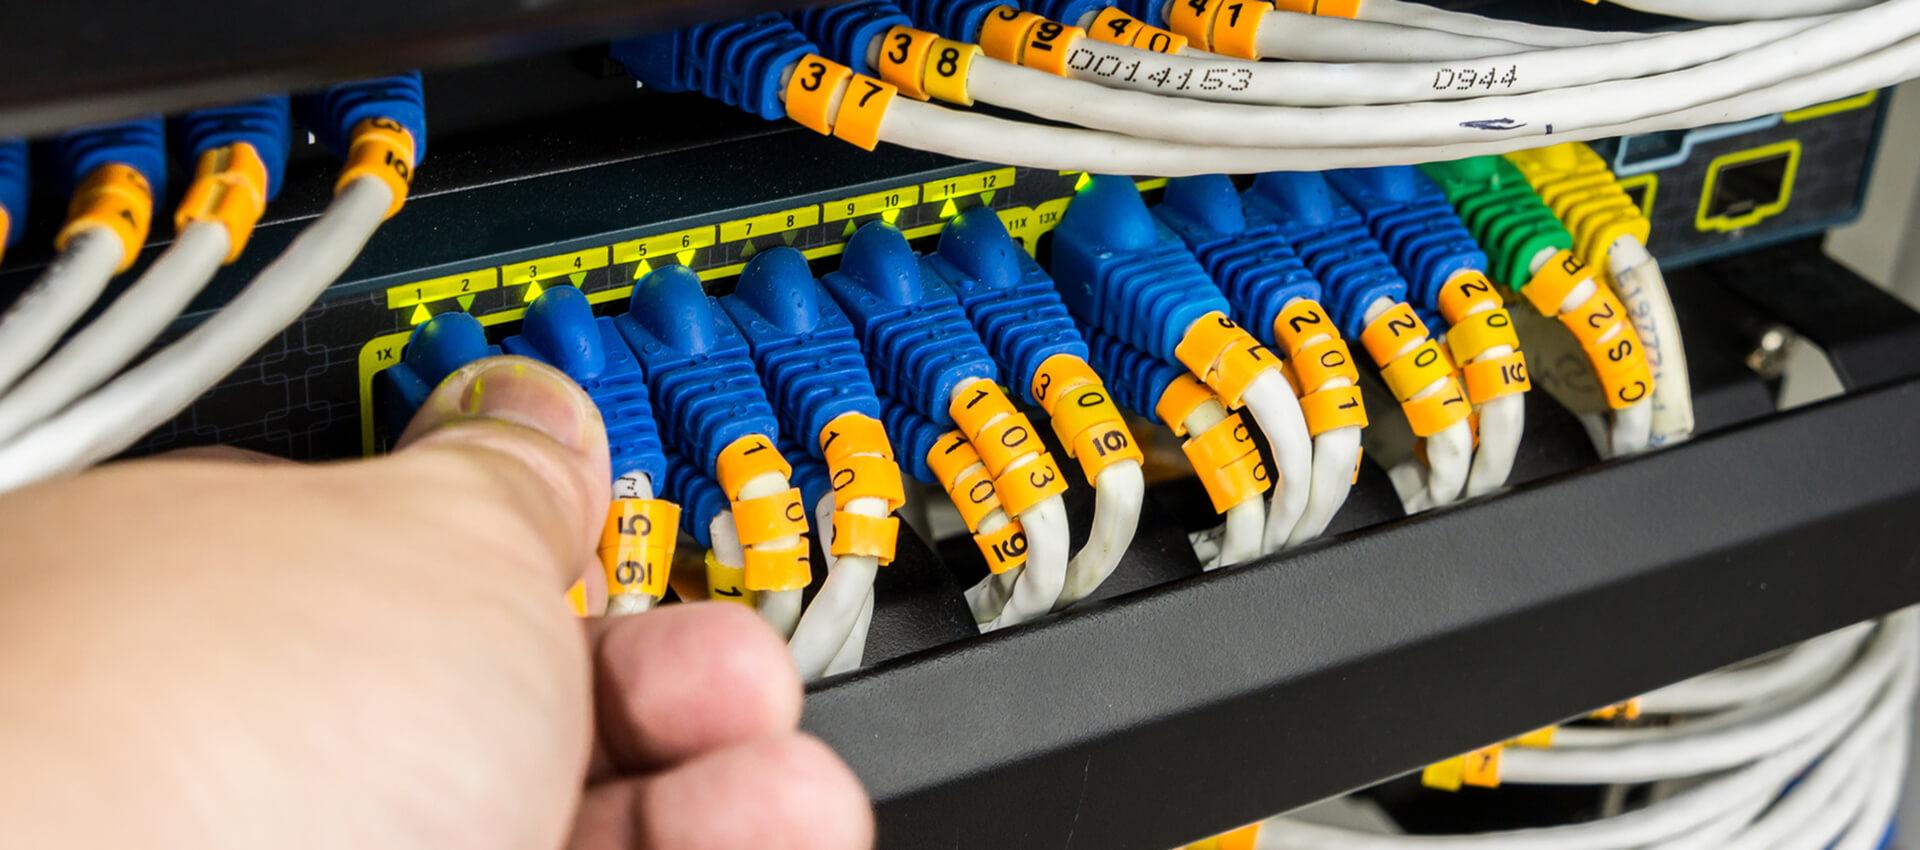 Team4IT IT-Lösungen Netzwerk-Installation